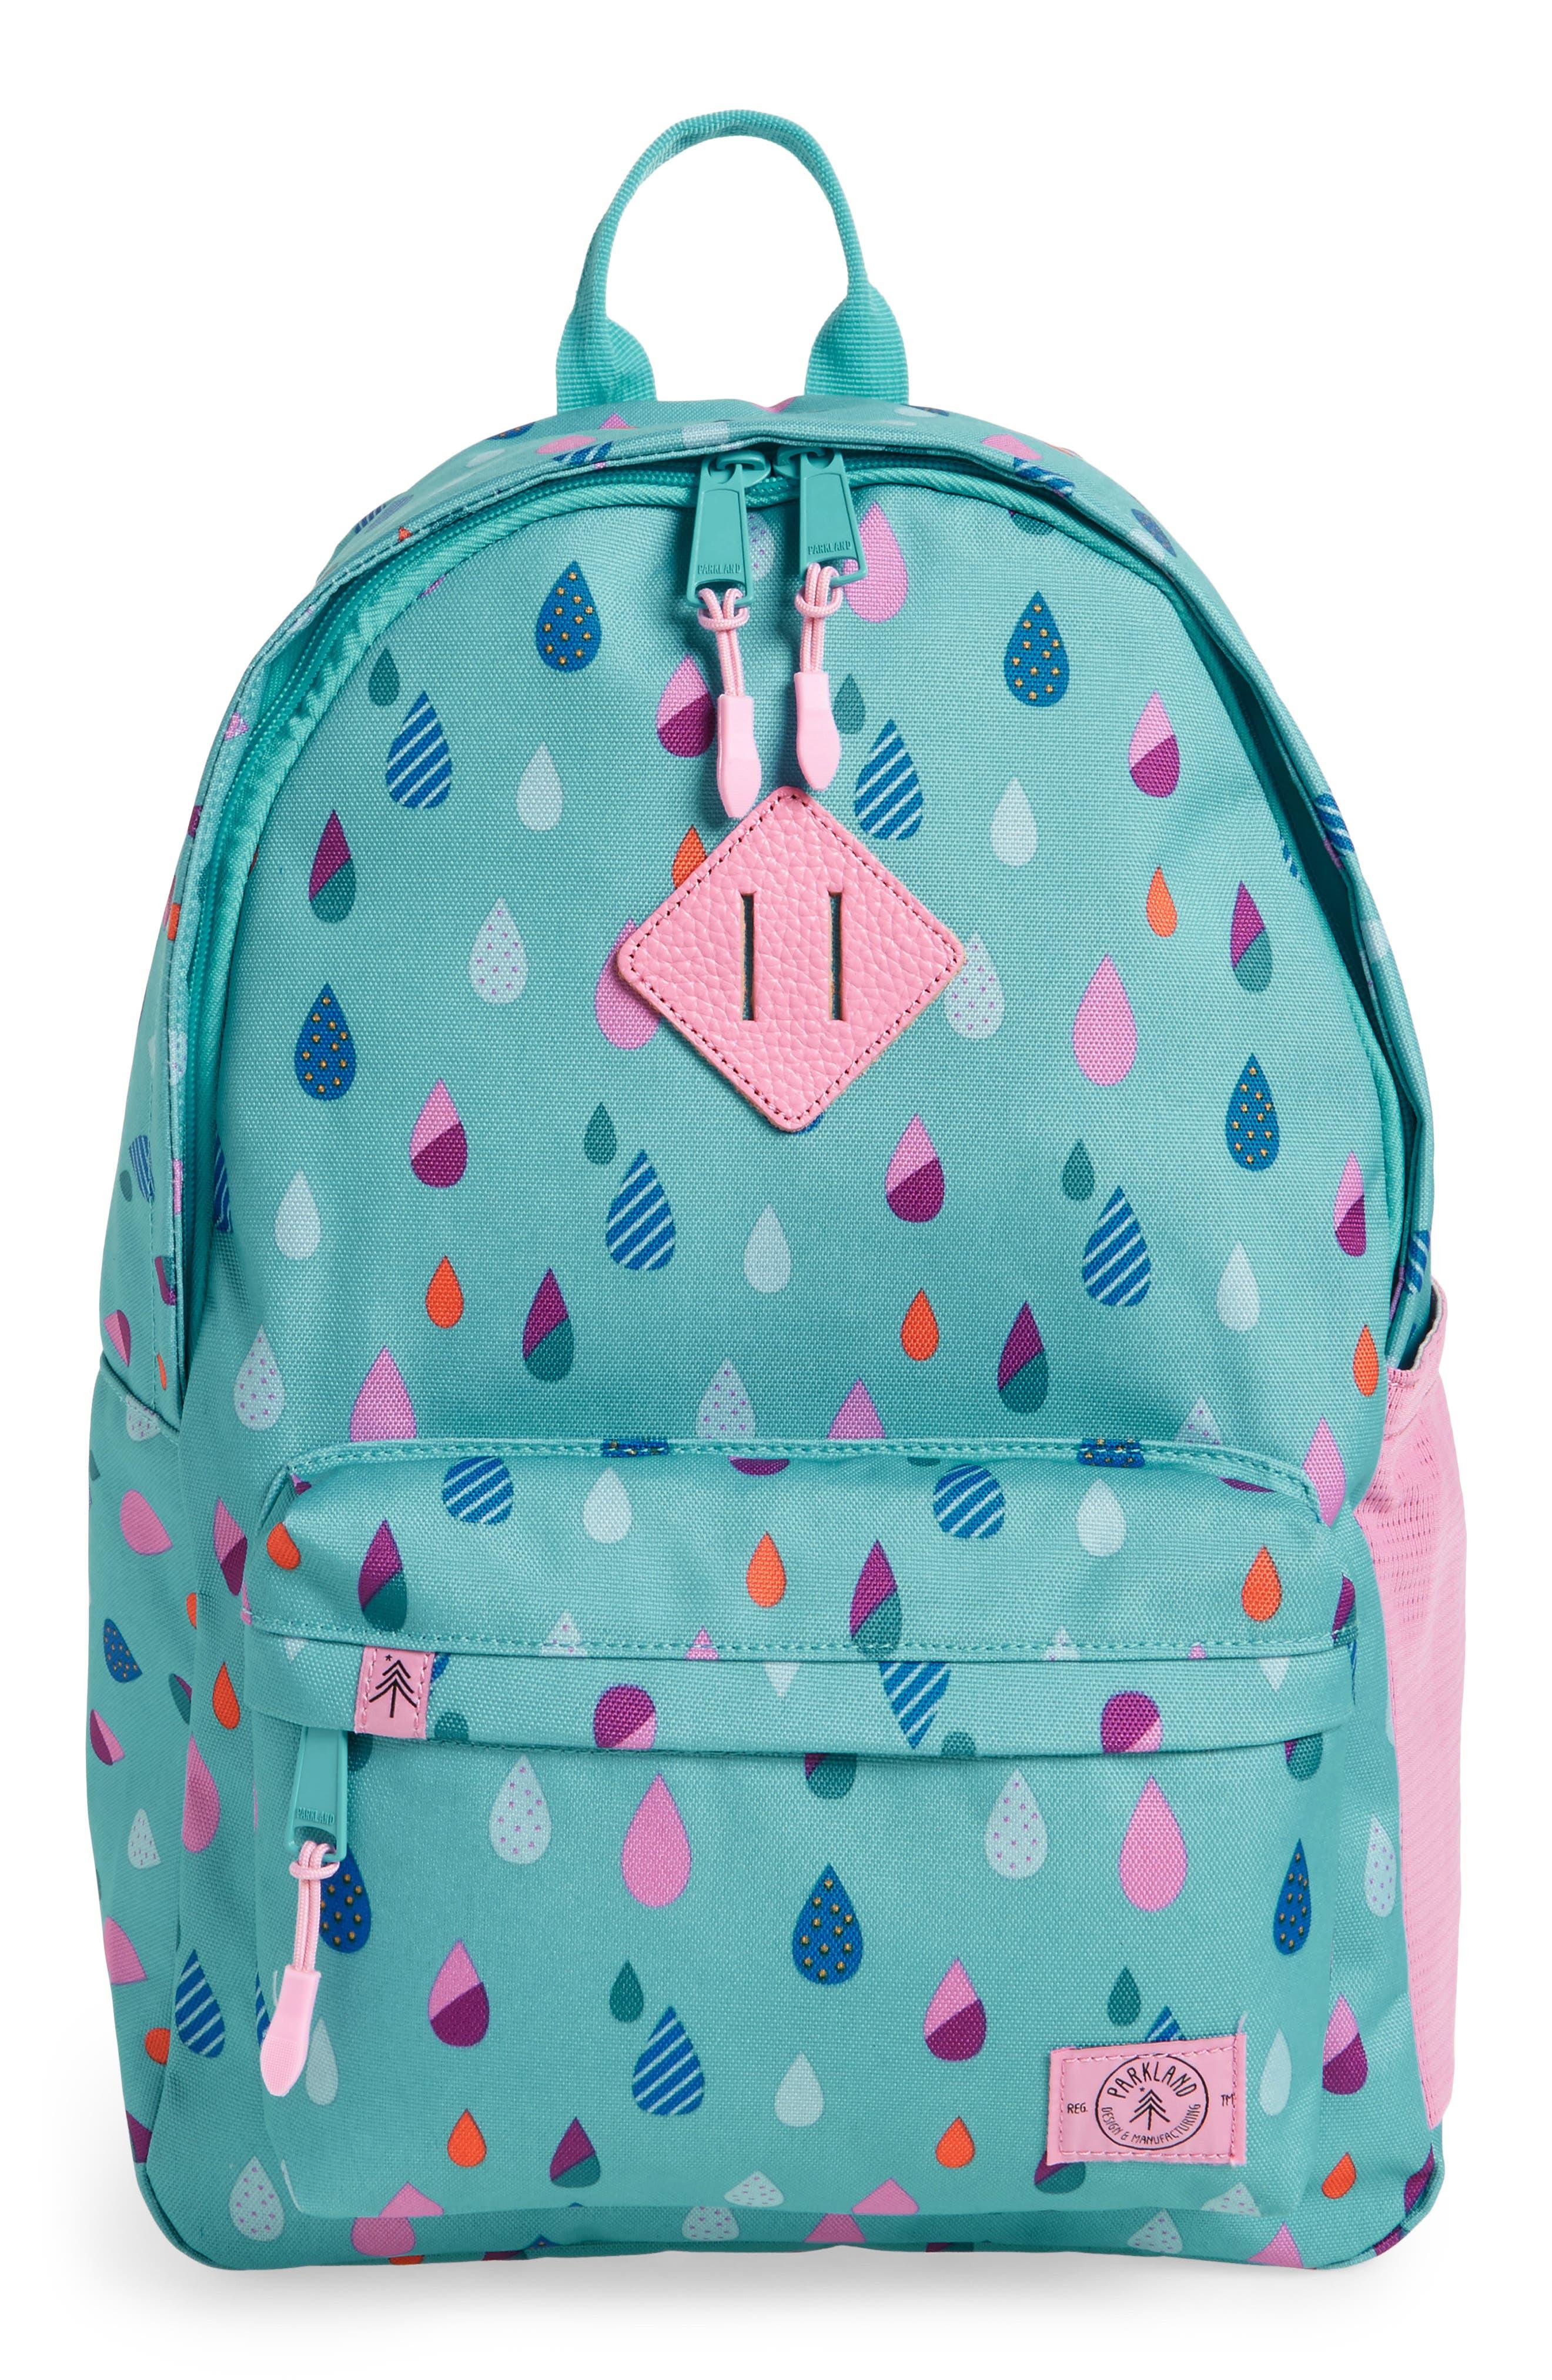 Alternate Image 1 Selected - Parkland Bayside - Puddles Backpack (Kids)